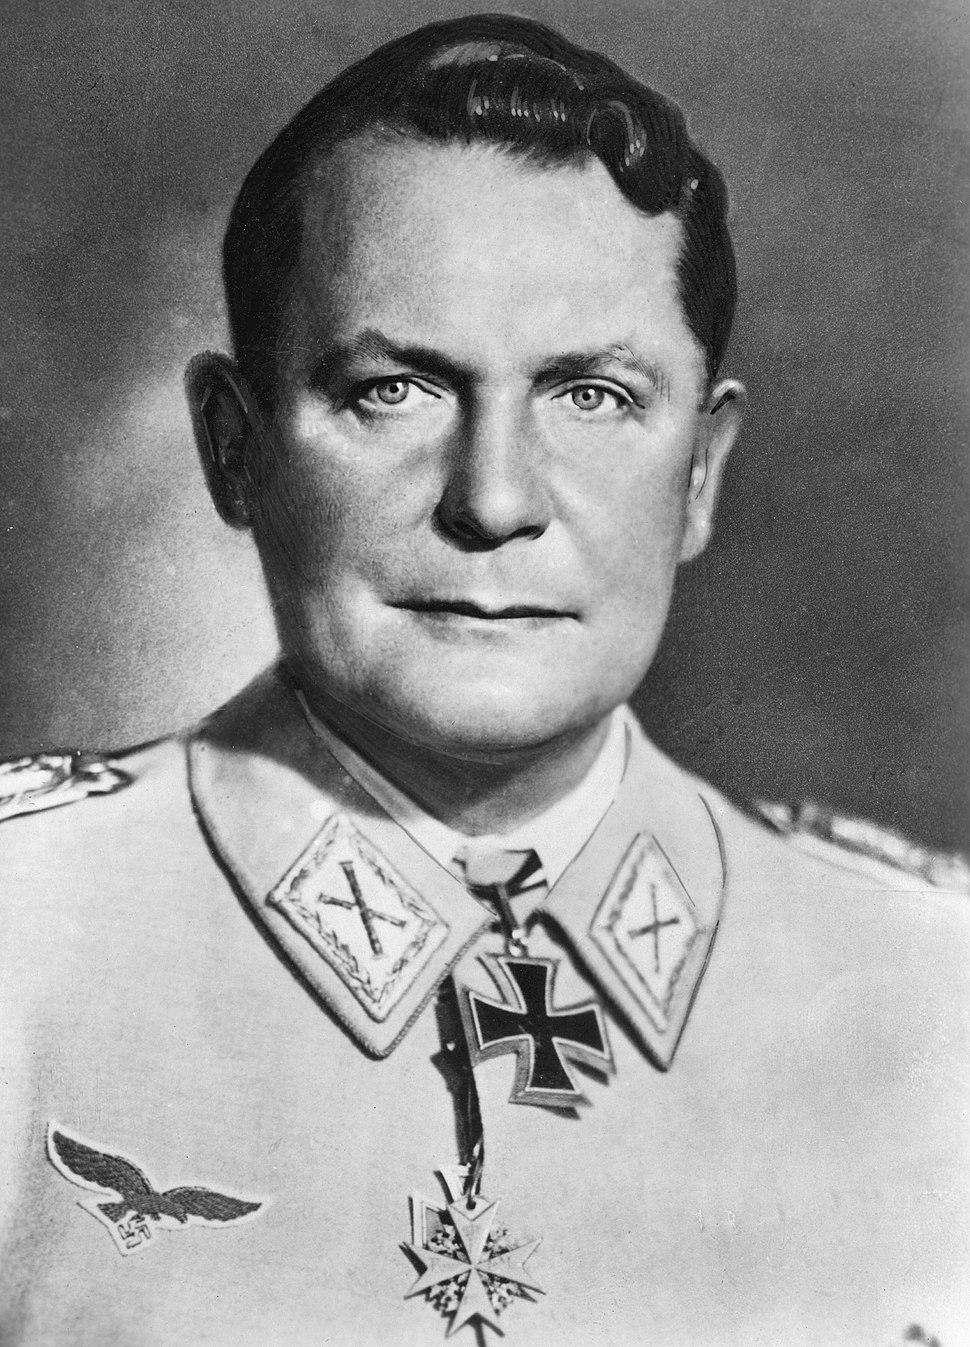 Hermann Göring - Röhr